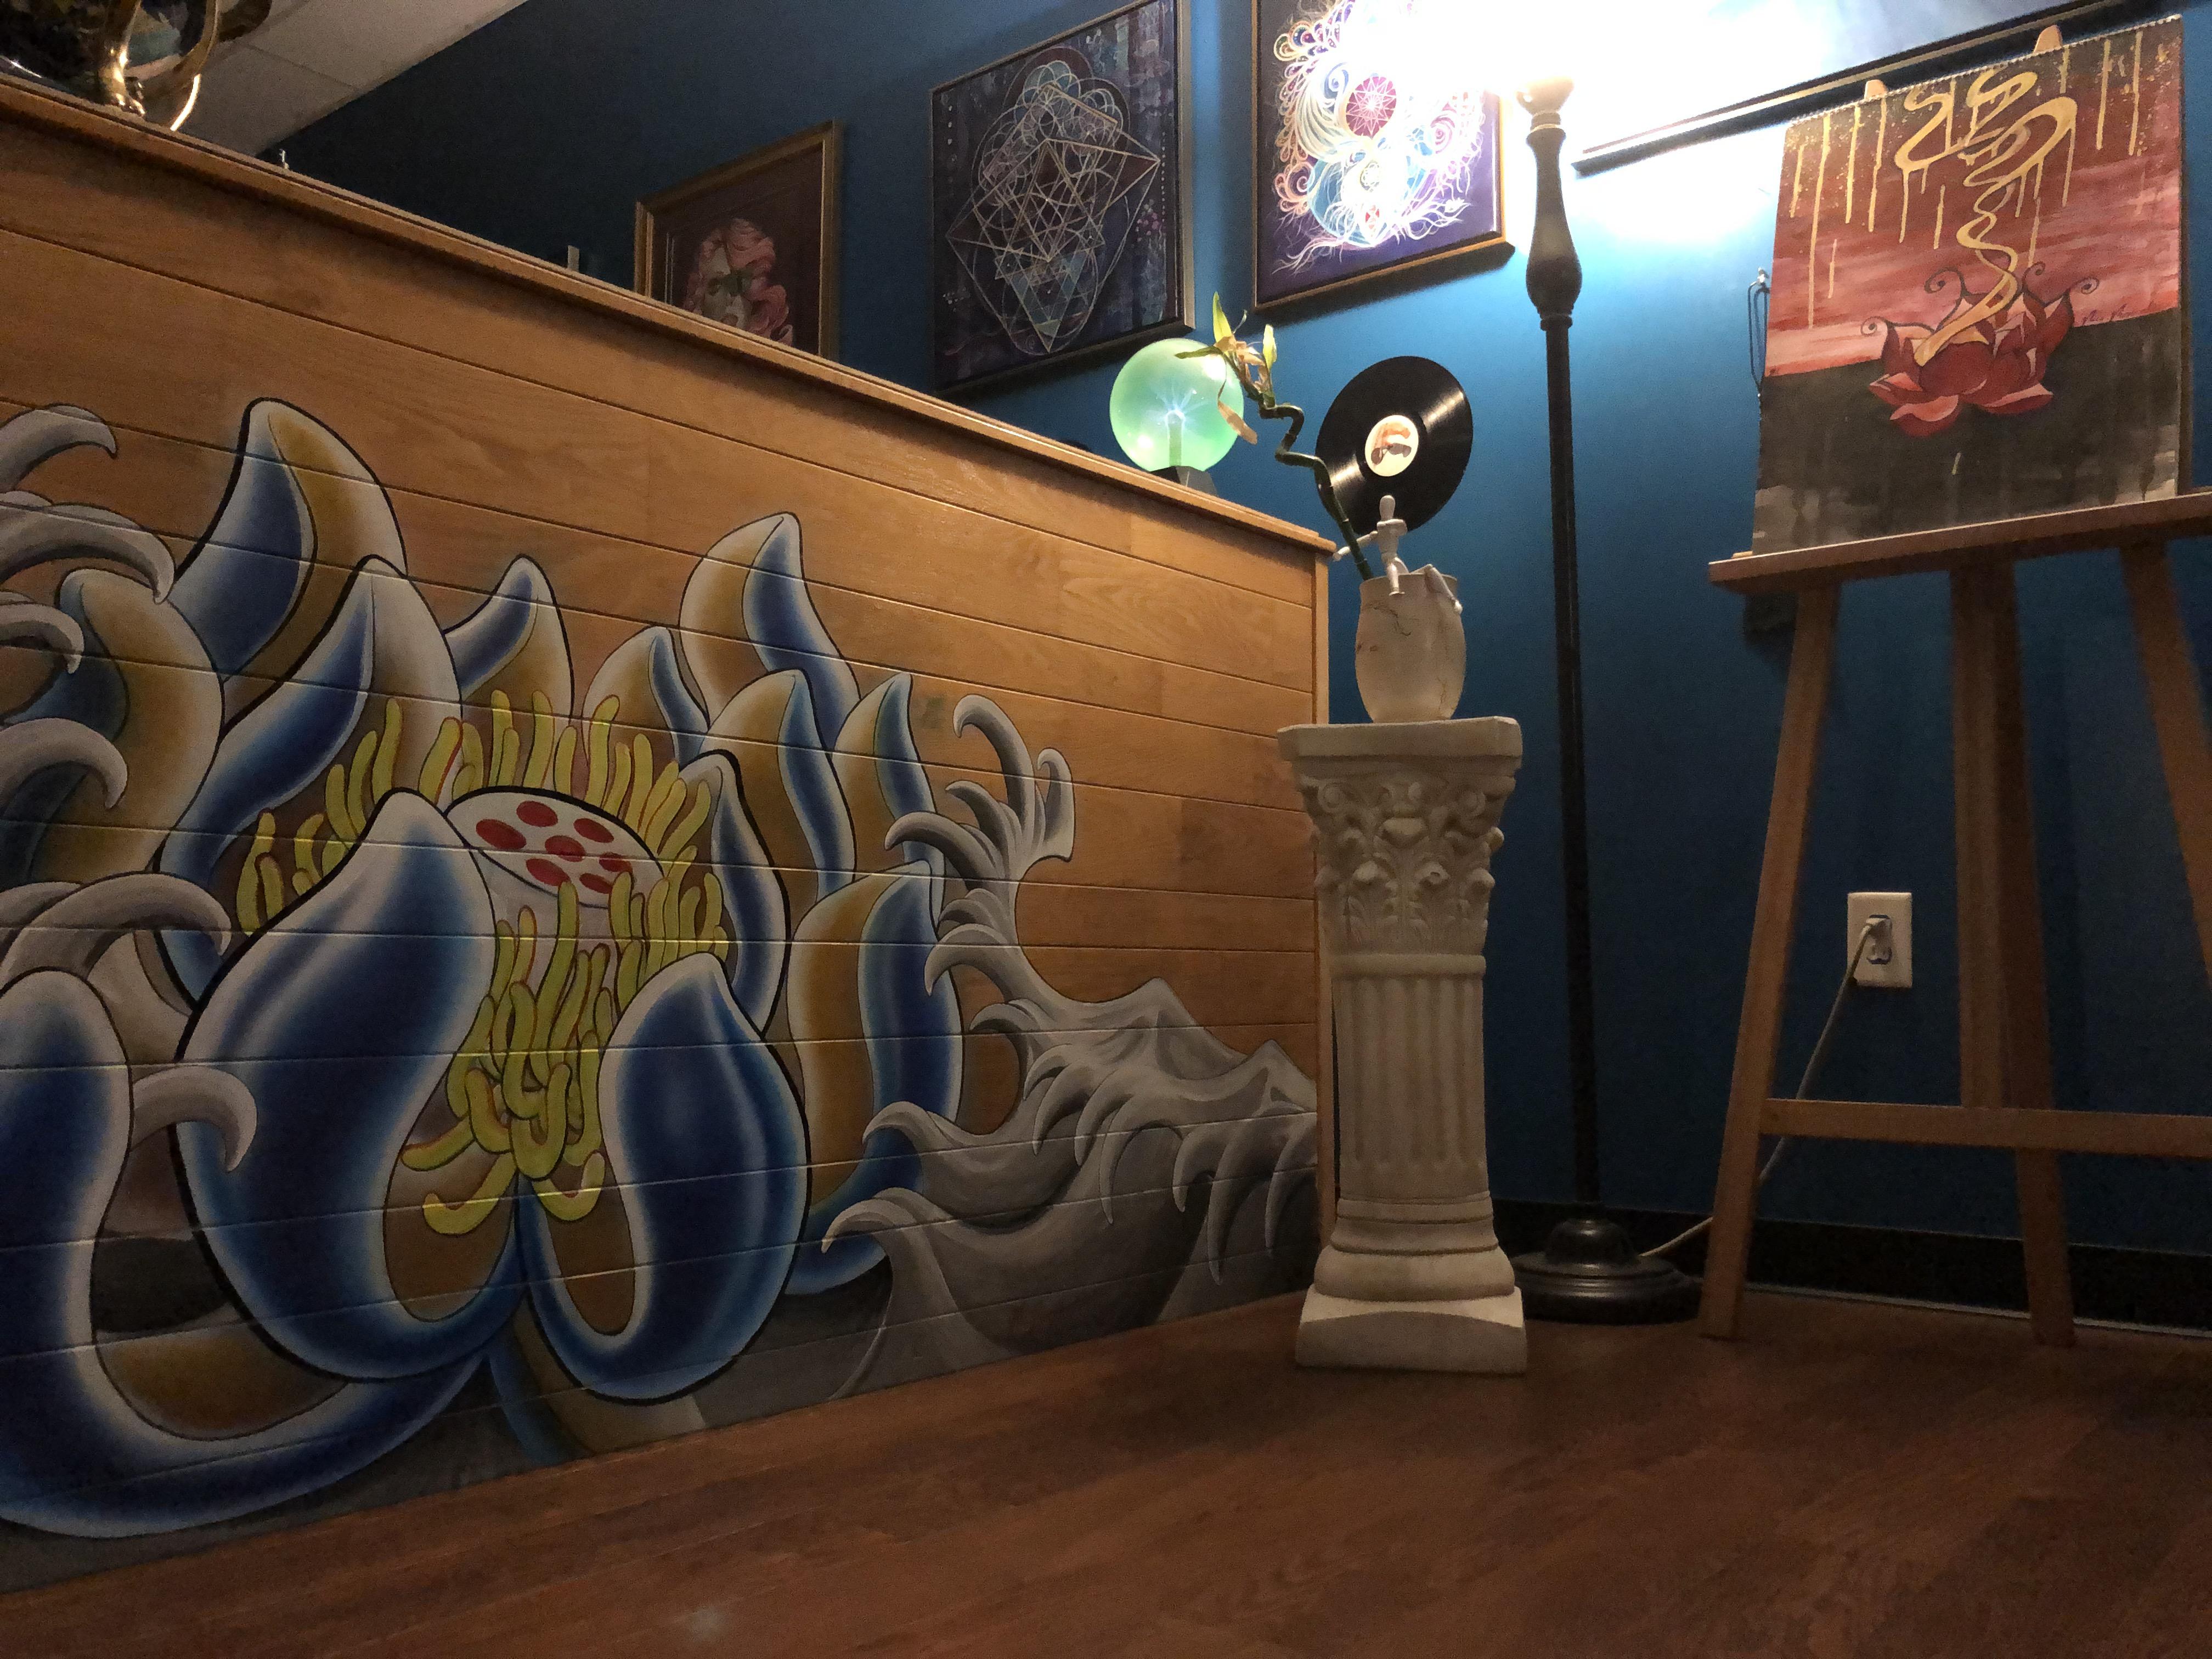 mural, painting, airbrush